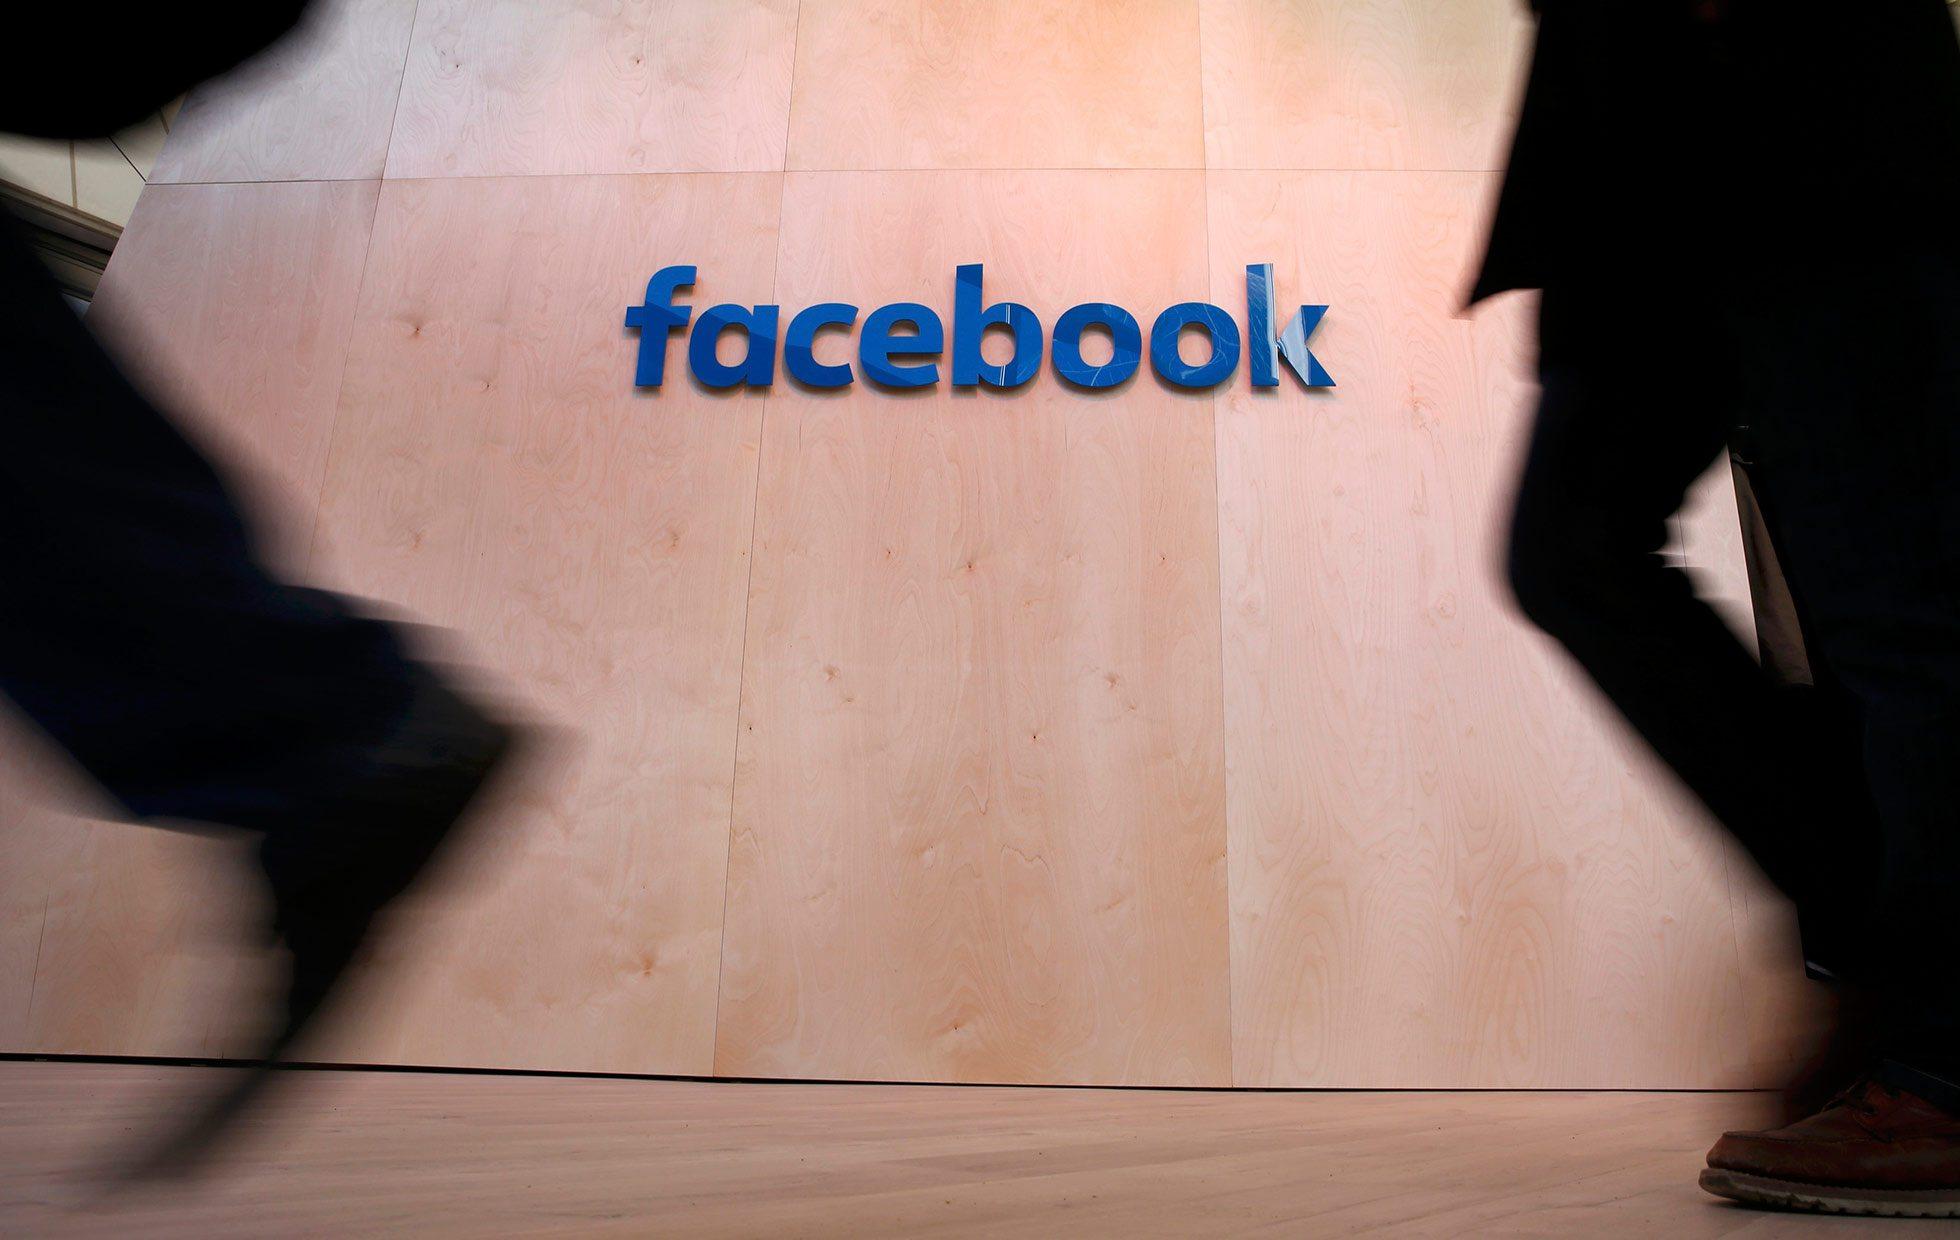 Juez en EU desestima demanda de privacidad contra Facebook